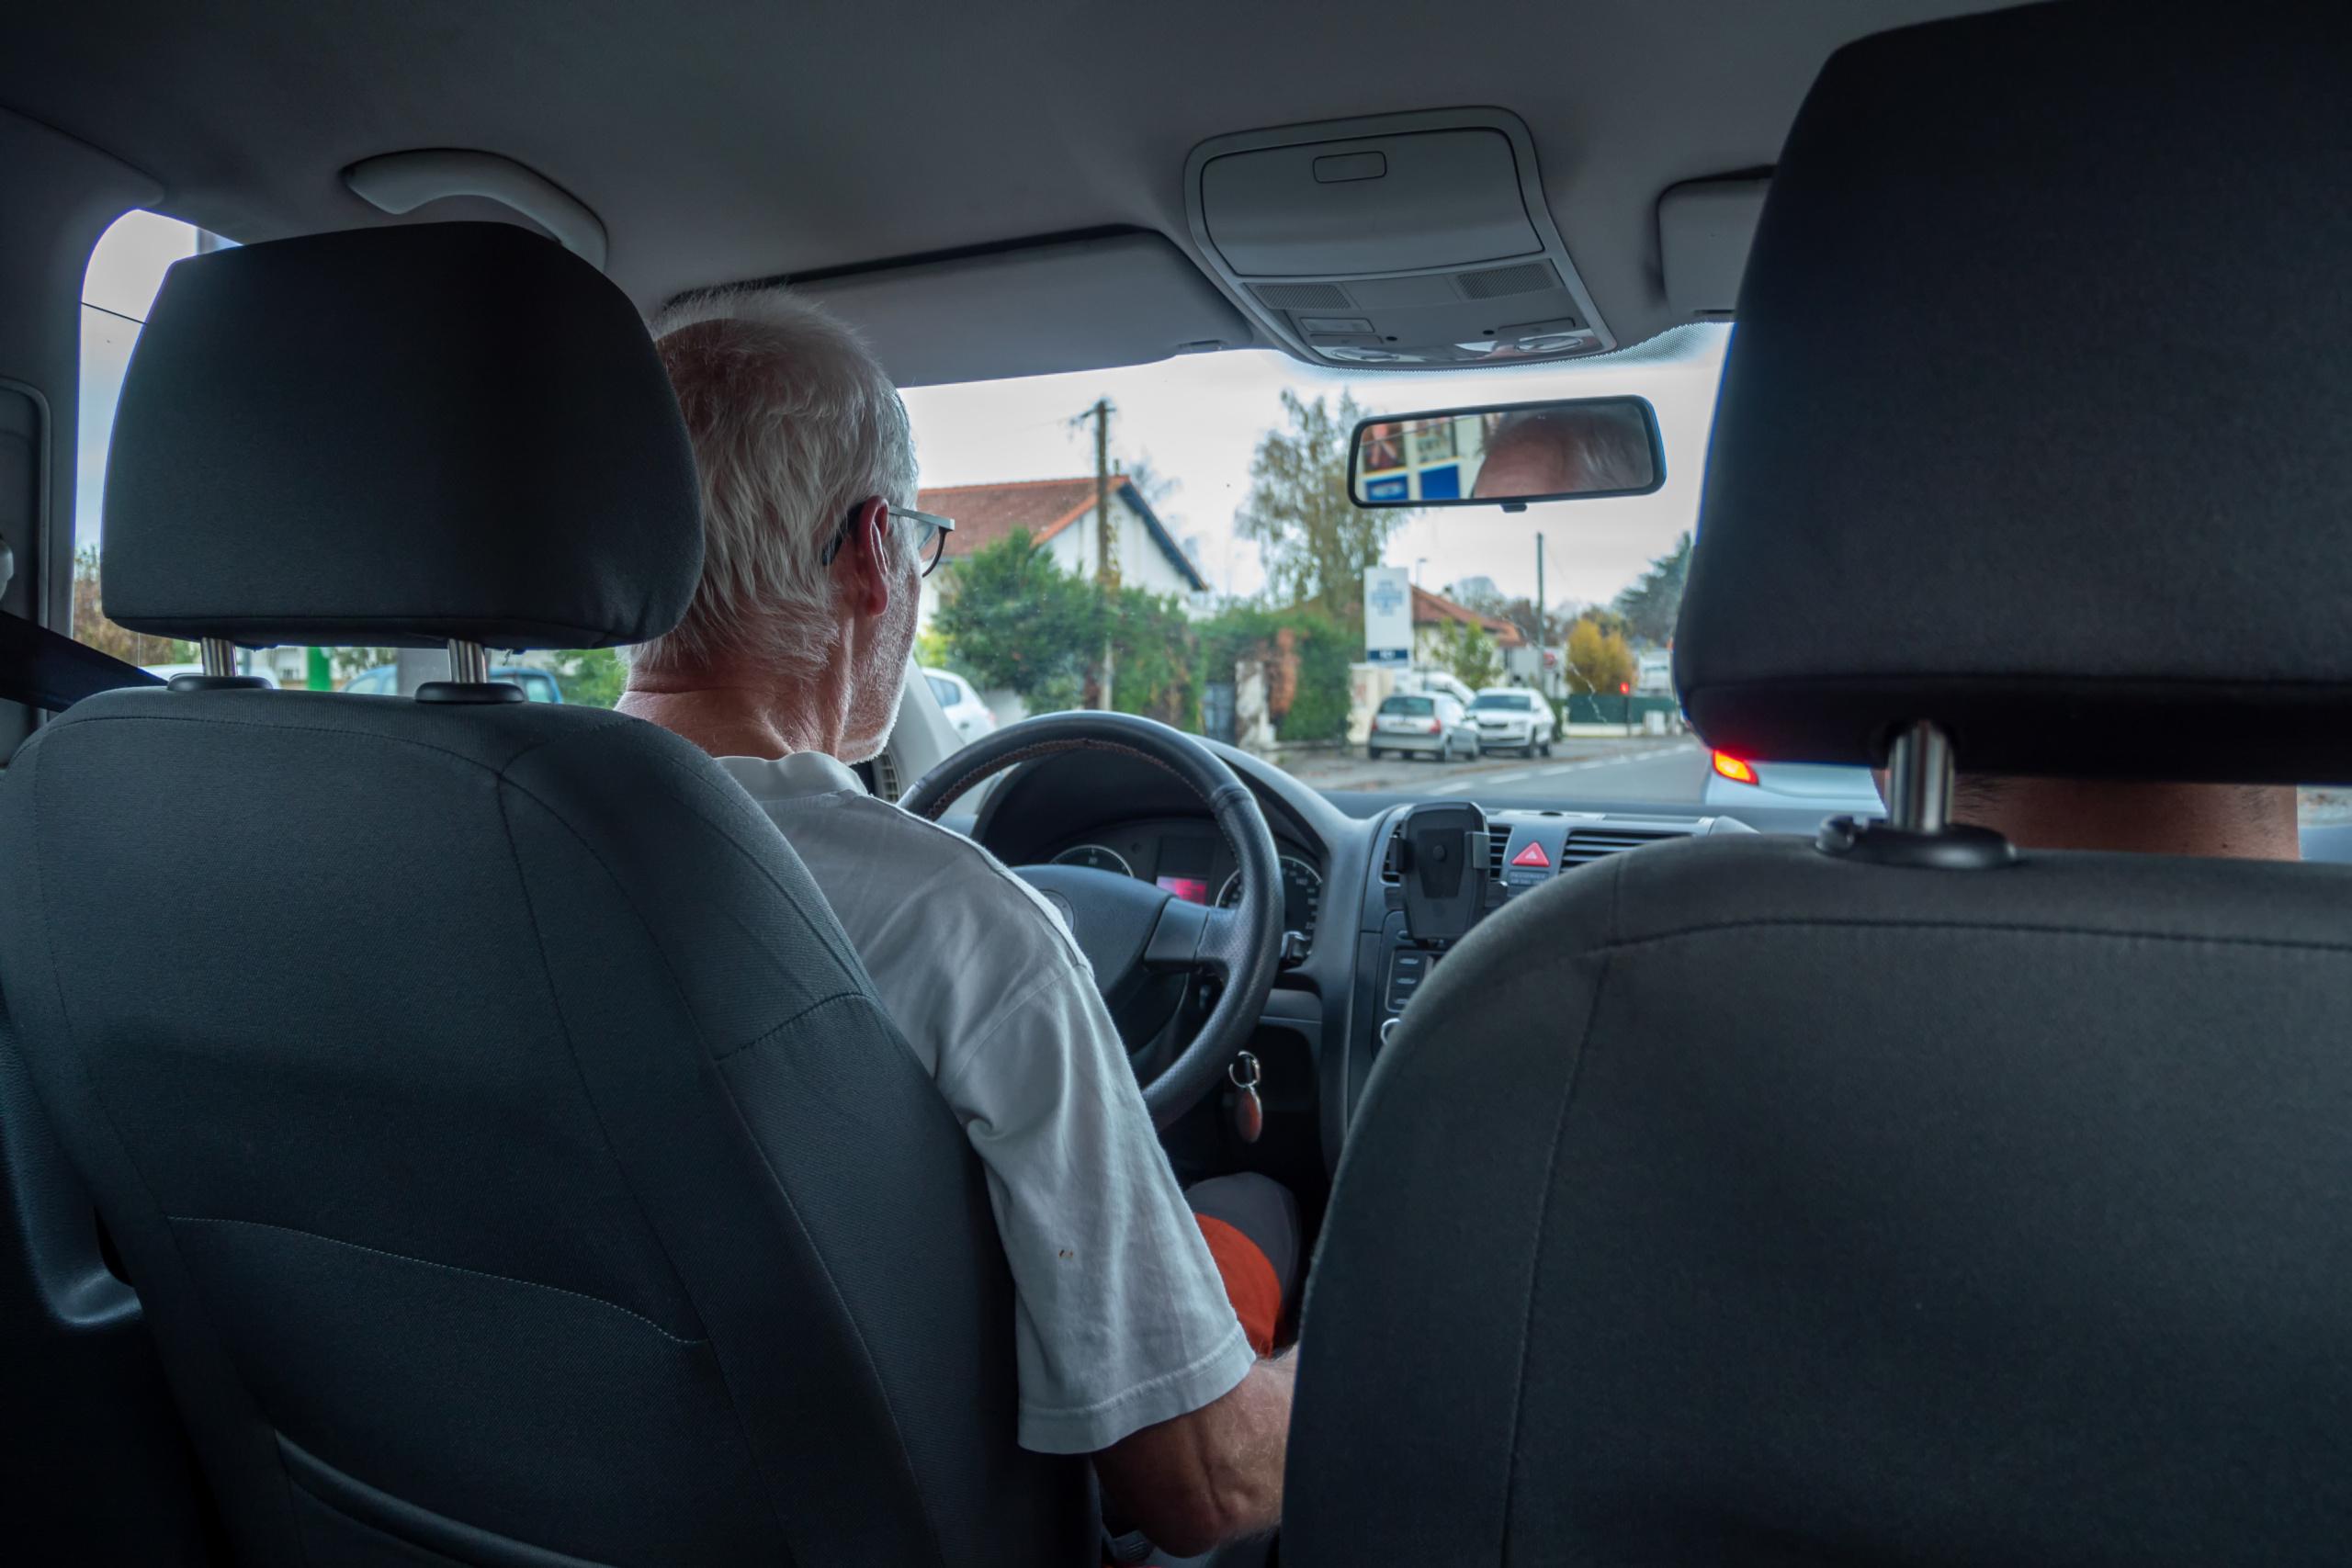 mann kjører bil. Foto